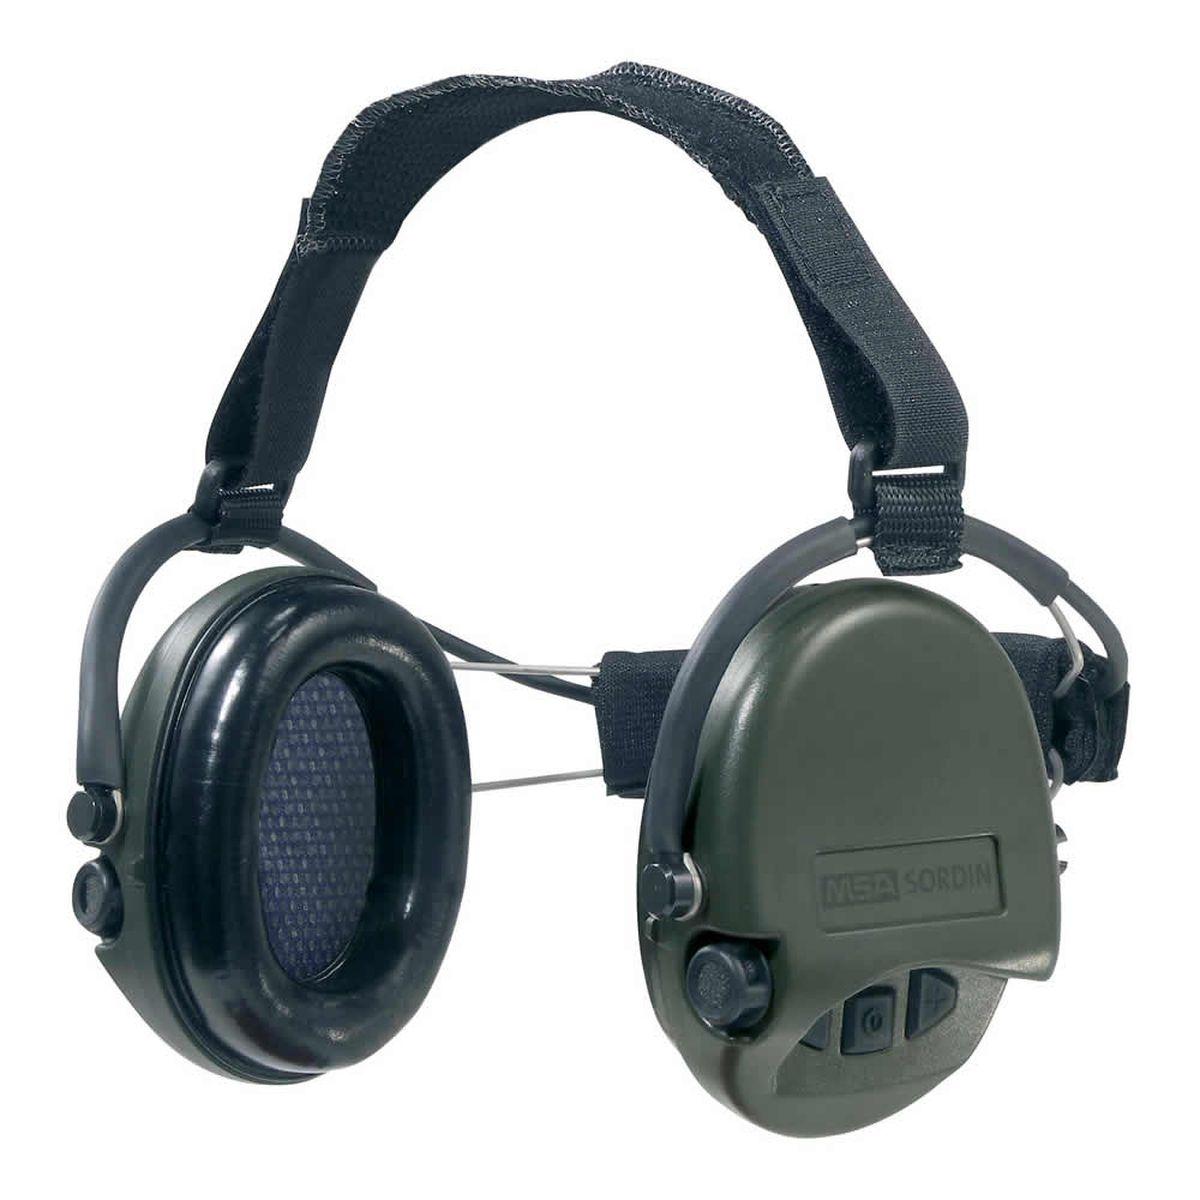 Наушники для стрельбы MSA Sordin Supreme Pro Neckband, активныеSСJ-2201Главное отличие этой модели возможность использовать с шлемом или другим головным убором. Активные наушники для стрельбы и охоты. Цвет ушных чашек – хаки. Усиливают слабый звук в 4 раза до 27 Дц и уменьшают шум до 82 Дц. Звуковая картинка на 360° градусов, звук Stereo. Два отдельных ветро-влагозащищенных микрофона. Влагозащищенный батарейный отсек. Звуковая пауза после отсечки шумовой волны менее 0,6 сек. Широкие кнопки включения с регулировкой громкости звука – 4 положения. Складные соединительные дужки, из прочной проволочной стали, покрытой антикоррозийным лаком. Дужки отделаны кожей. Предусмотрено прослушивание аудиозаписей через плеер/телефон, но основная функция – прослушивание сообщений через переносную радиостанцию. Возможно использование PTT(двух-полосная связь). Автоматическое отключение через 4 часа после начала использования. Предупреждение звуковым сигналом за 40 часов о низком заряде батареи. В комплекте две батарейки ААА, разъём AUX 3,5 мм., кабель. Вес: 310 гр. Гарантия 1 год.